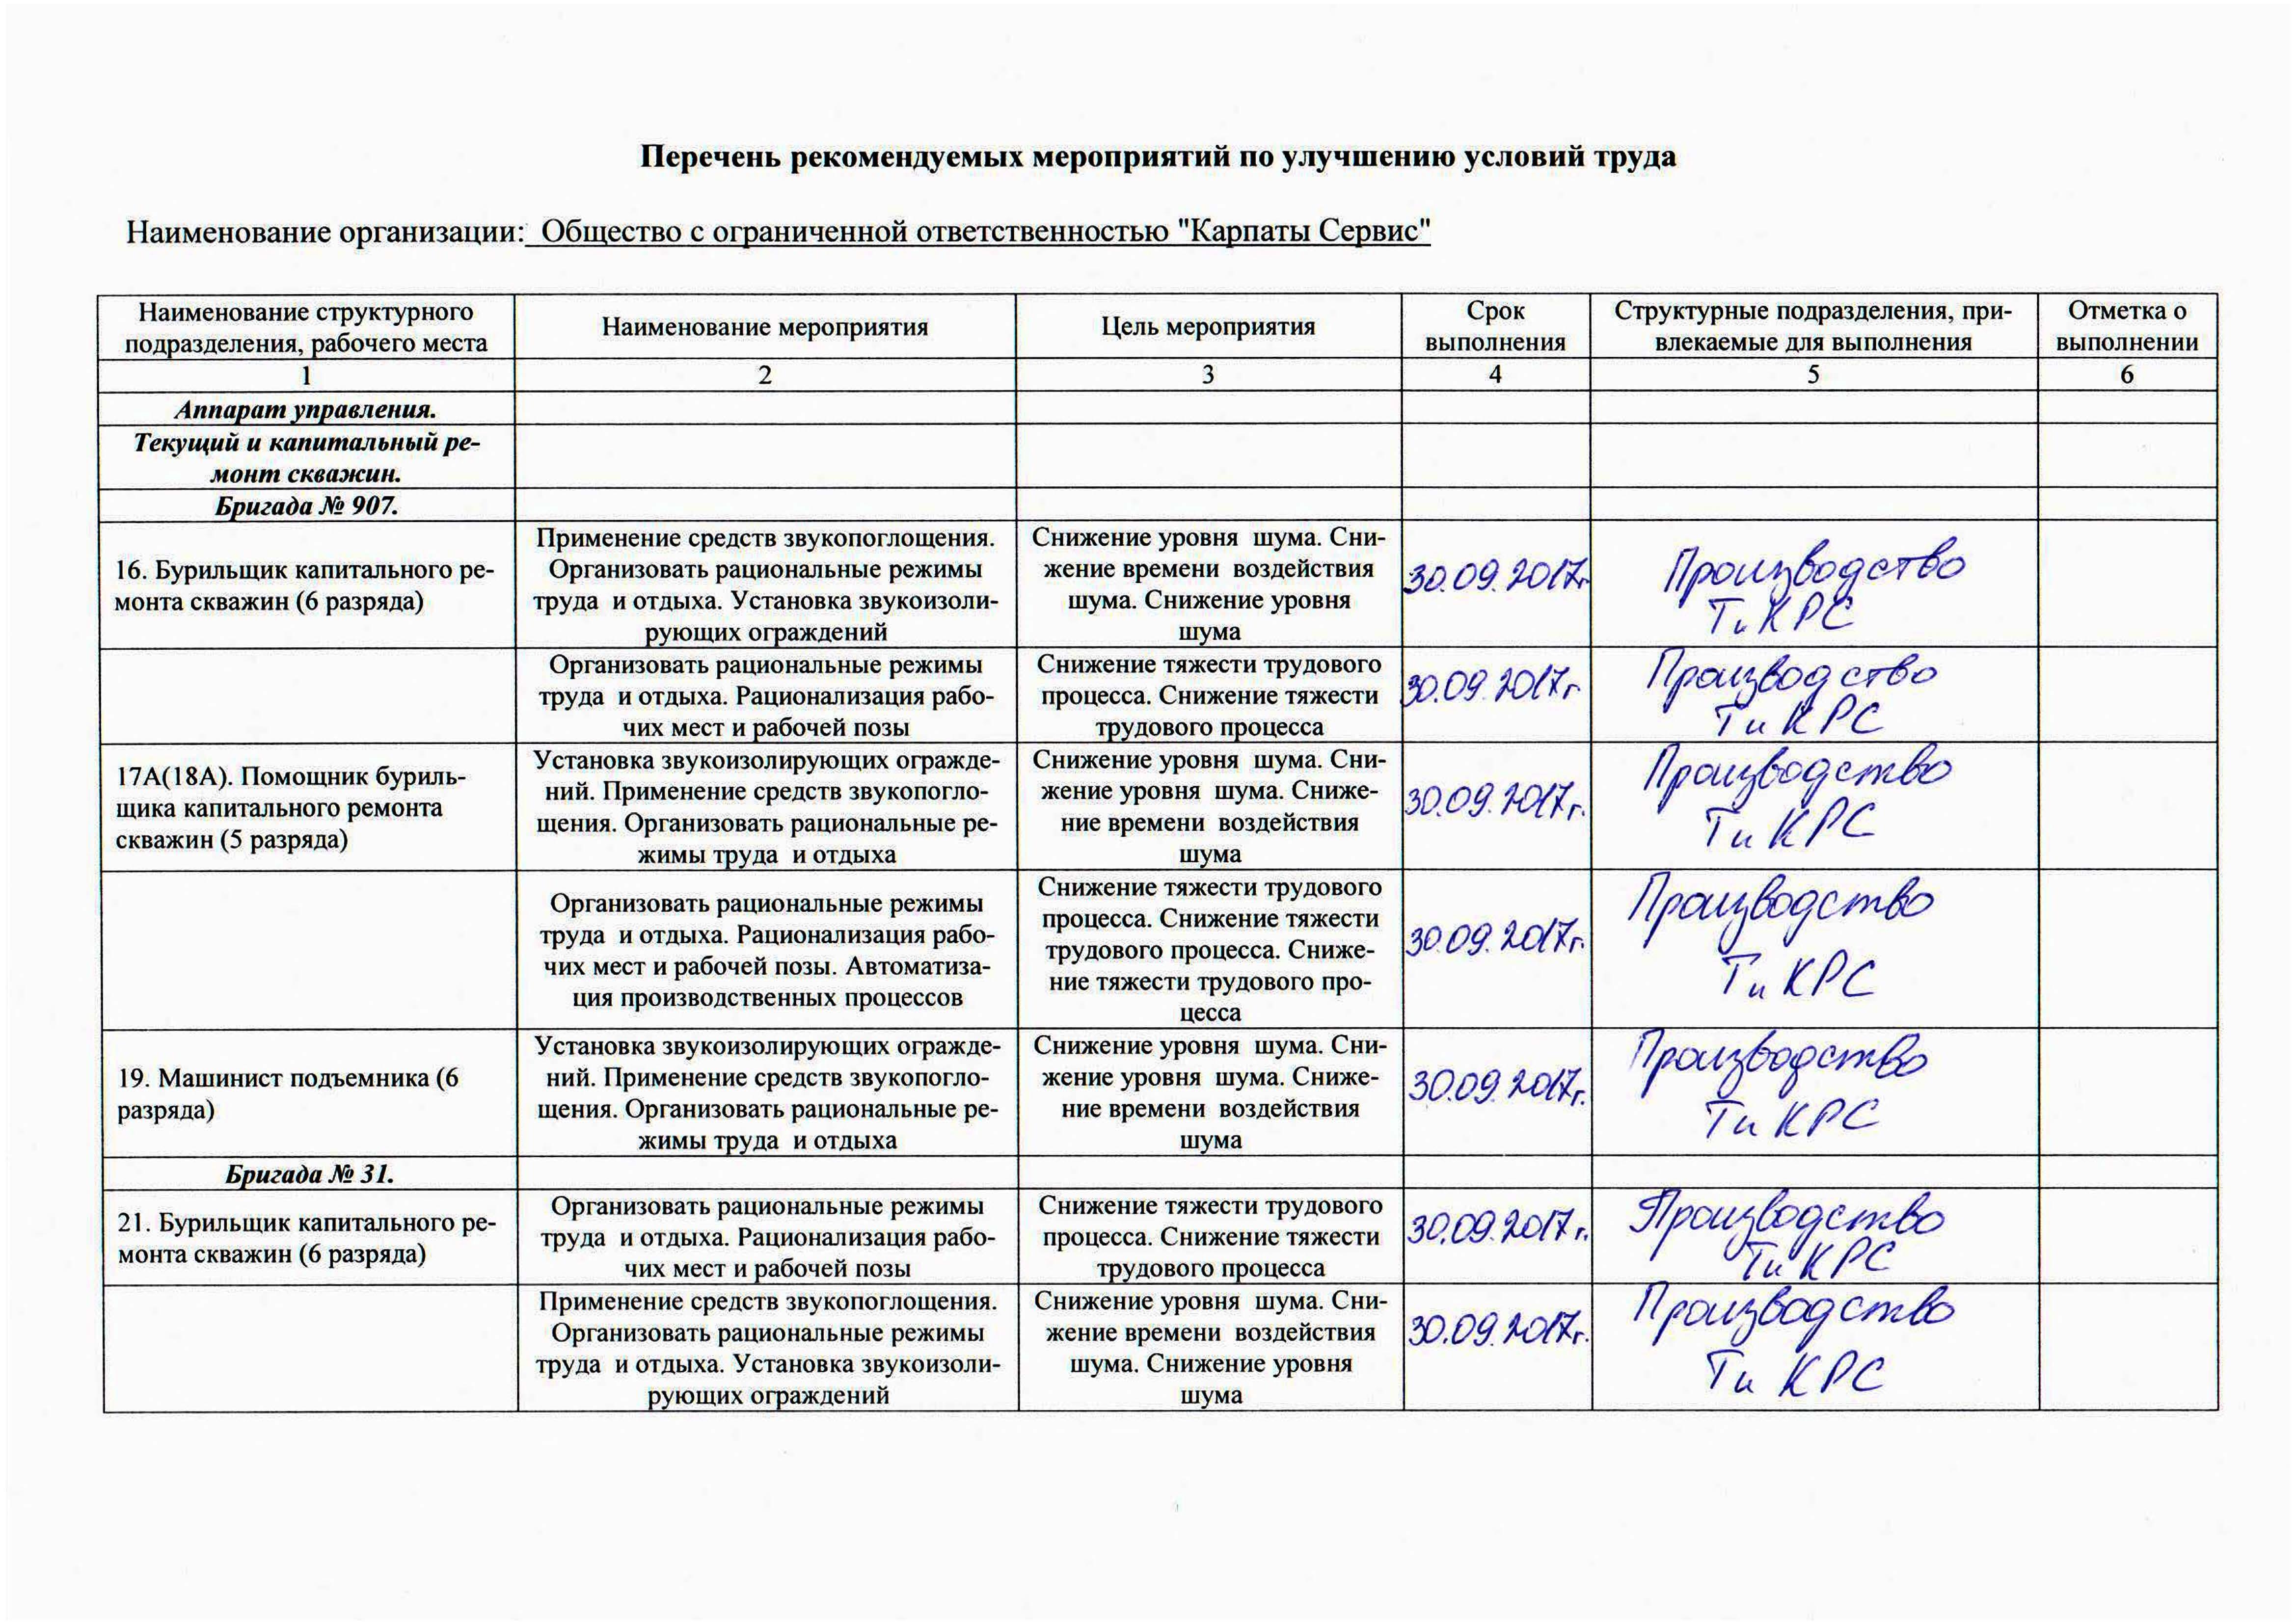 Мероприятия по улучшению условий труда ООО КС_Страница_1